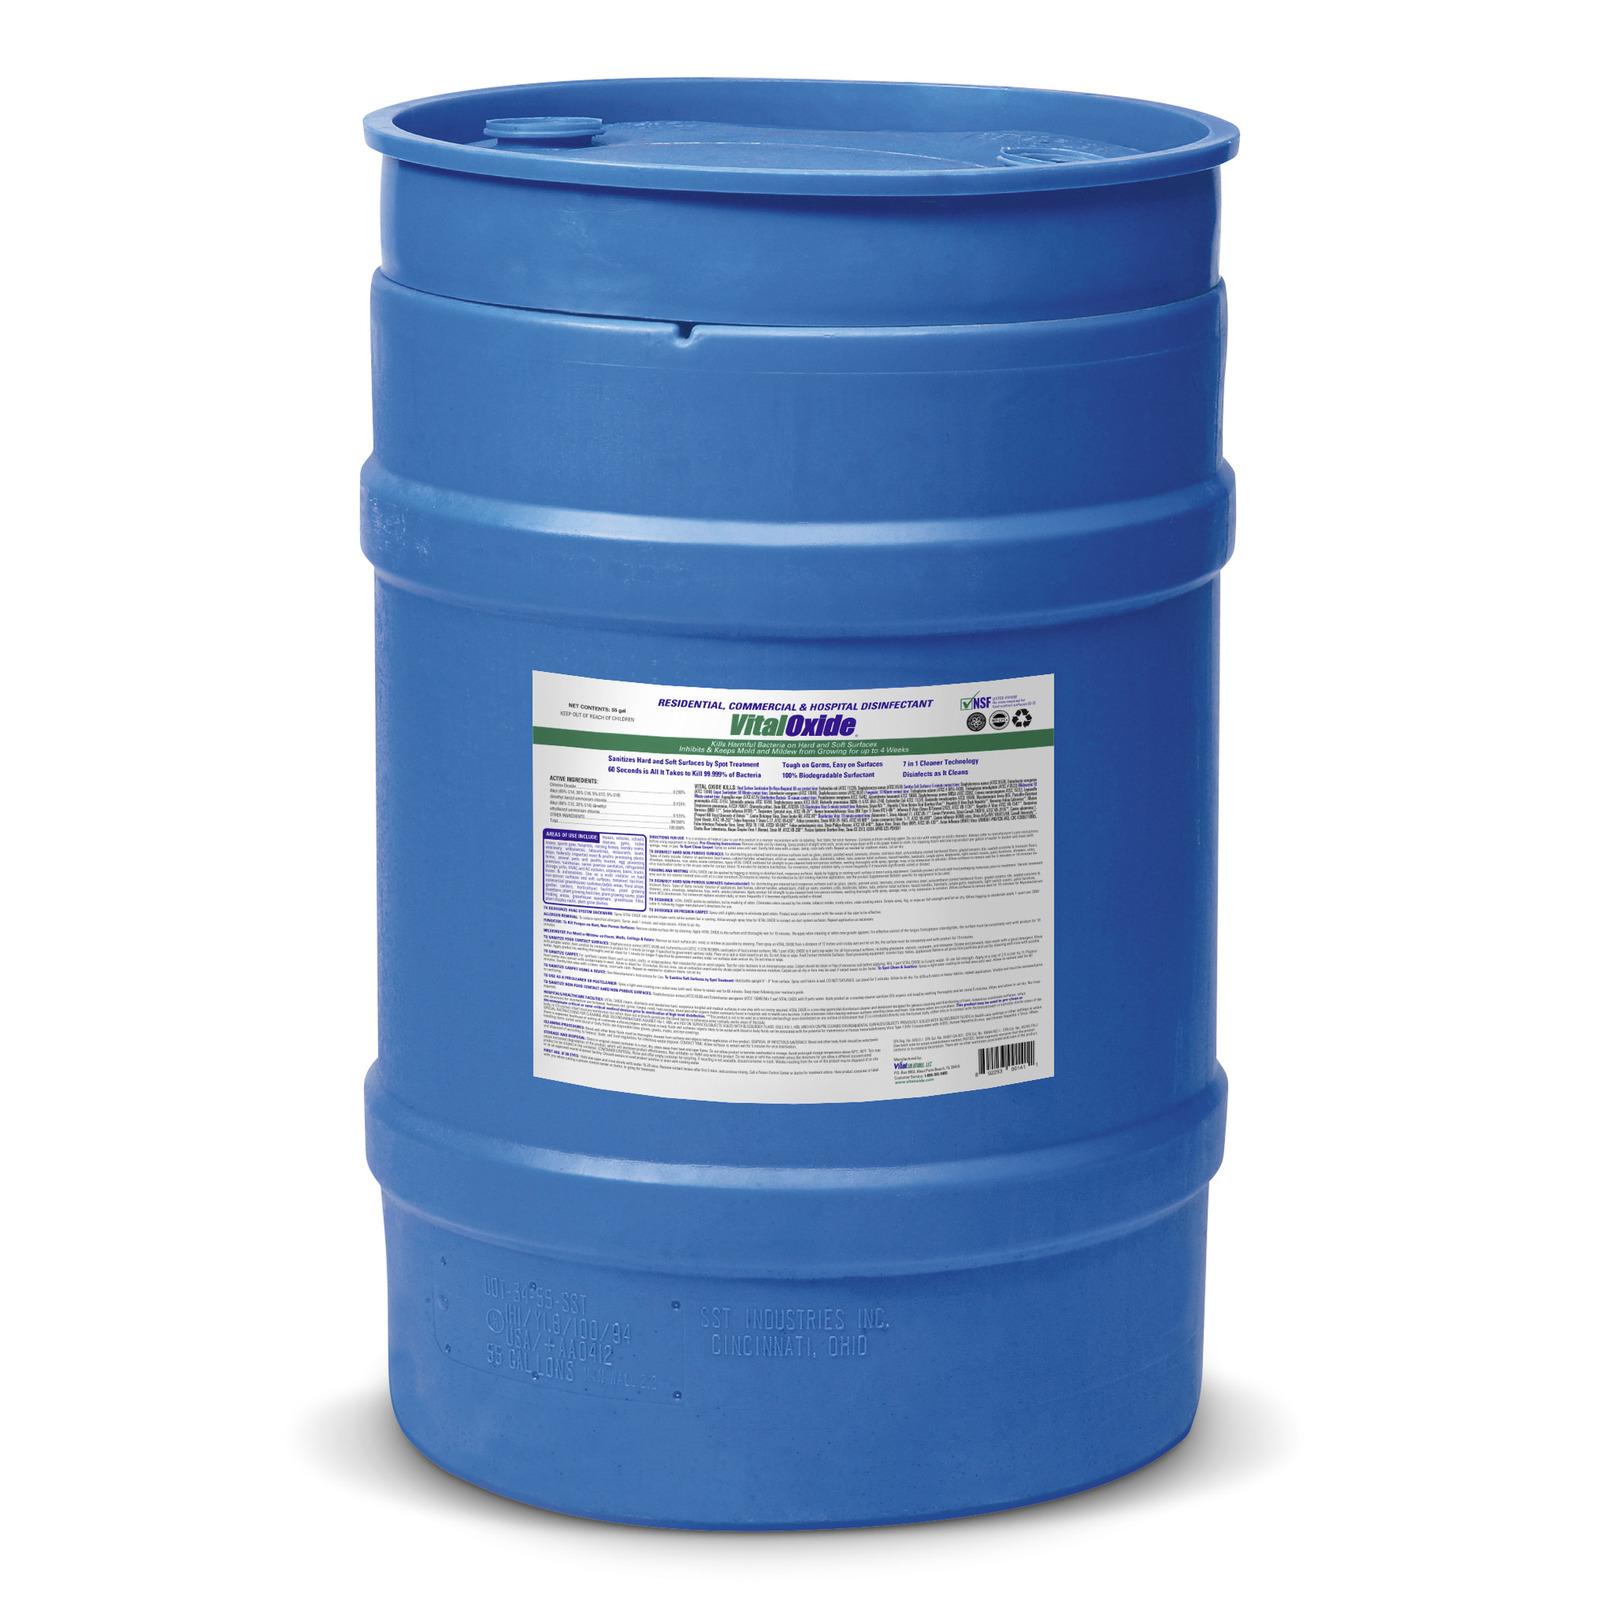 Hotsy Vital Oxide 55 Gal Drum K 228 Rcher Canada